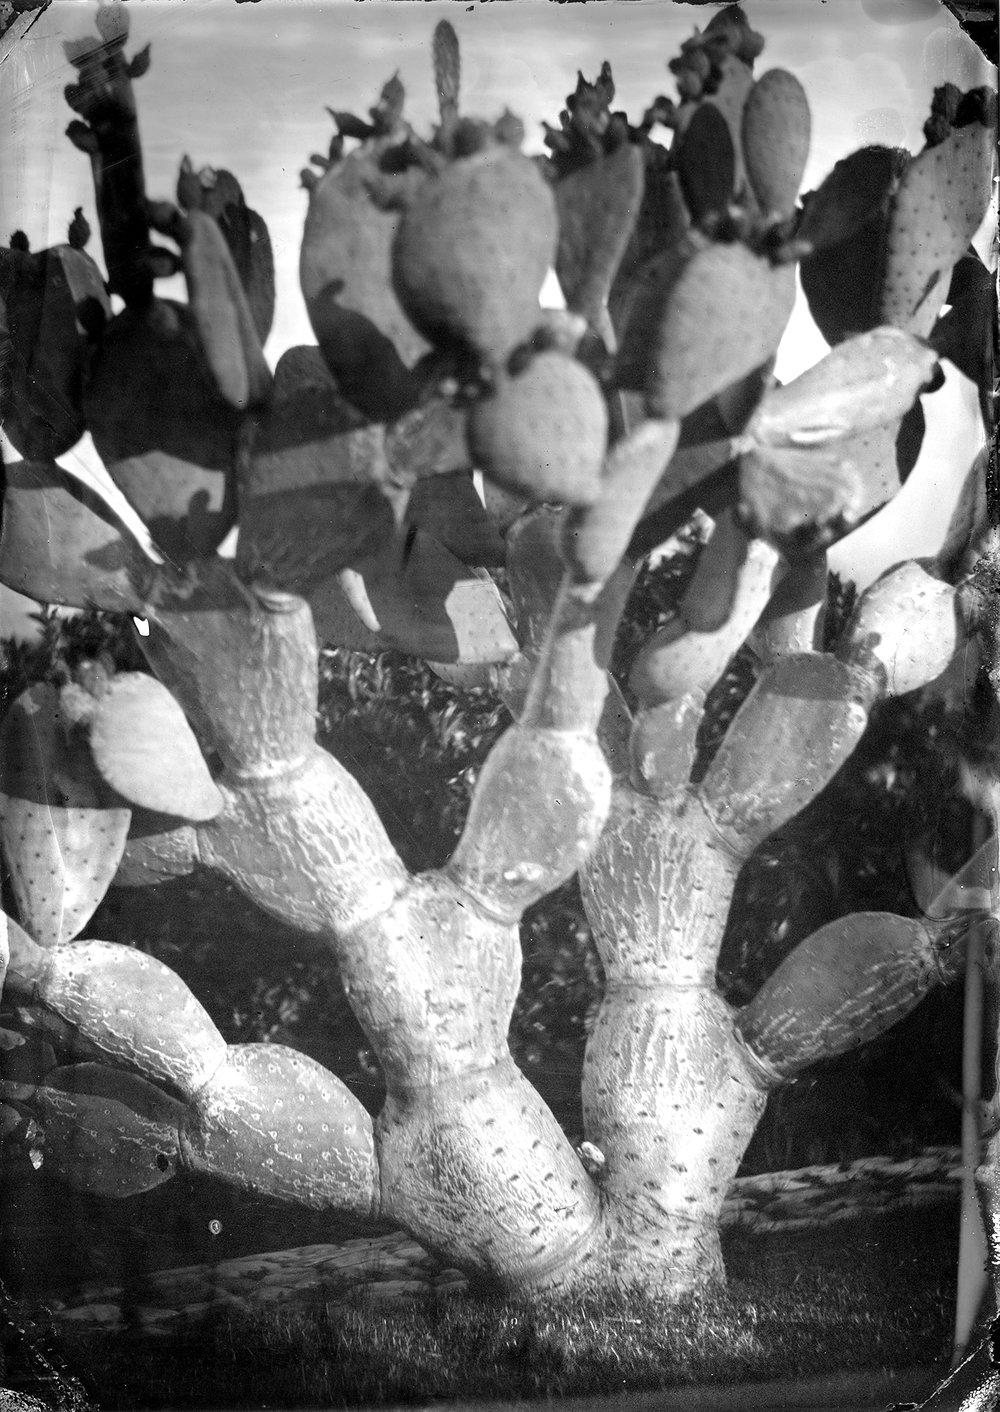 Cactus at Dusk, Montecito